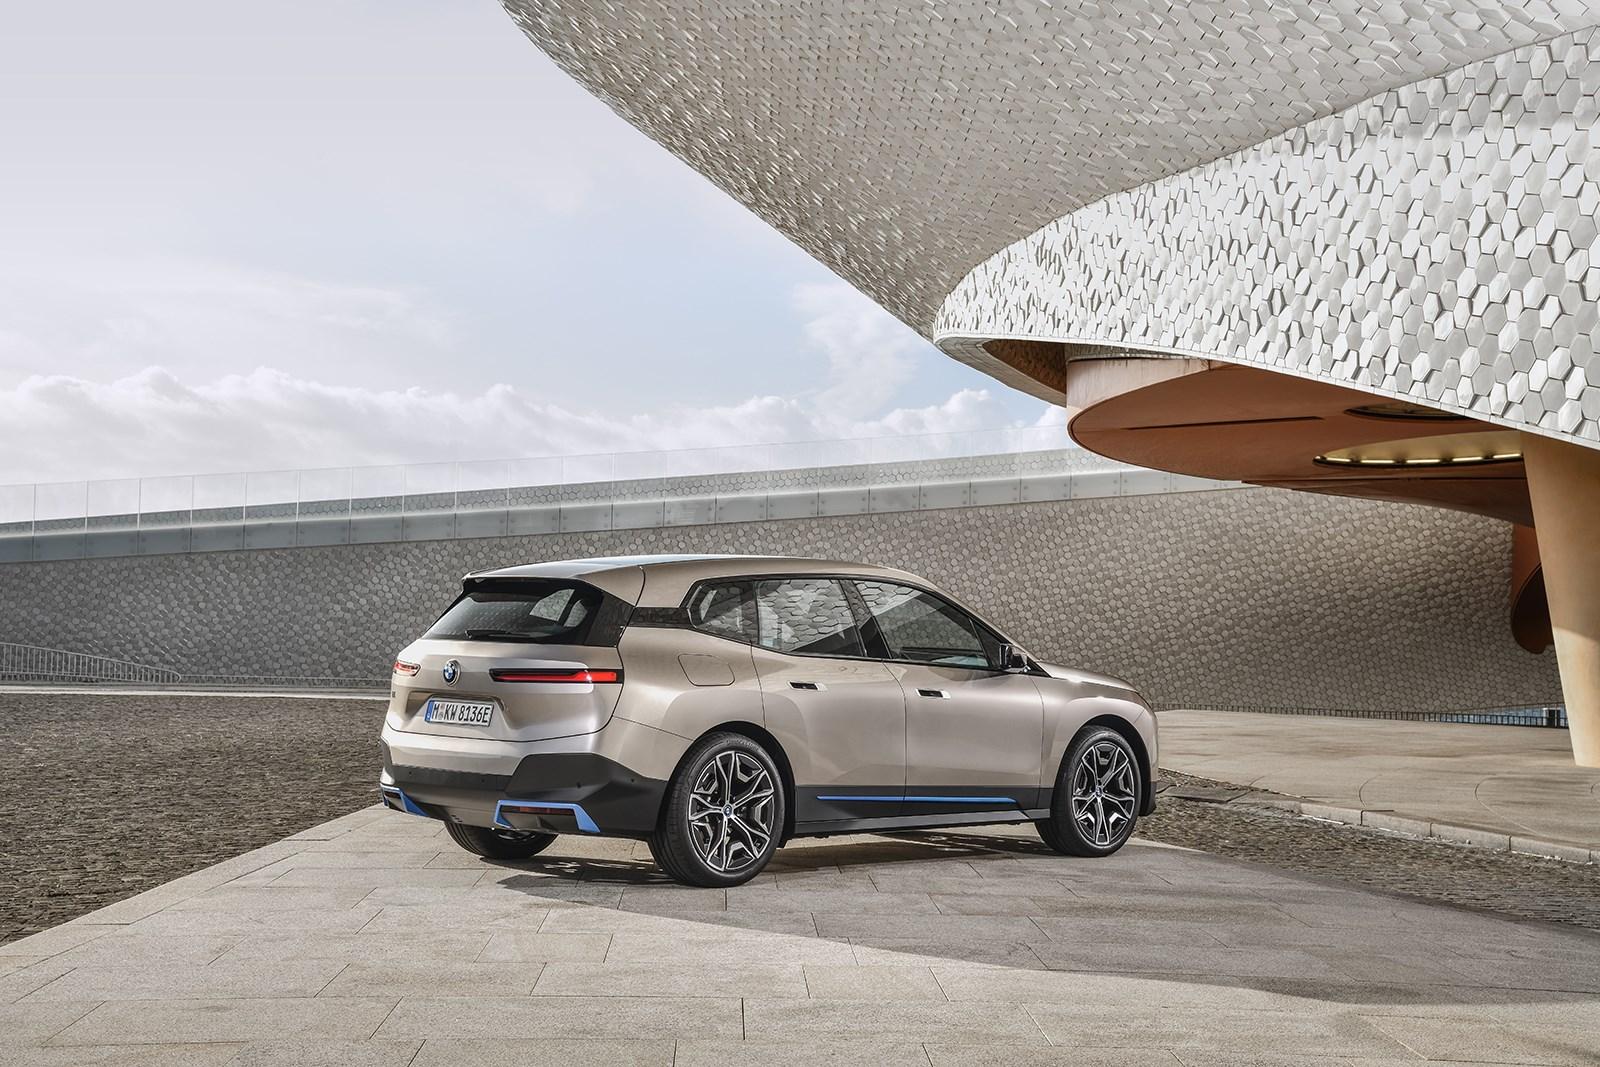 BMWが電動SUV「iX」を世界初公開。2021年末発売、その内外装はもはやコンセプトカー級